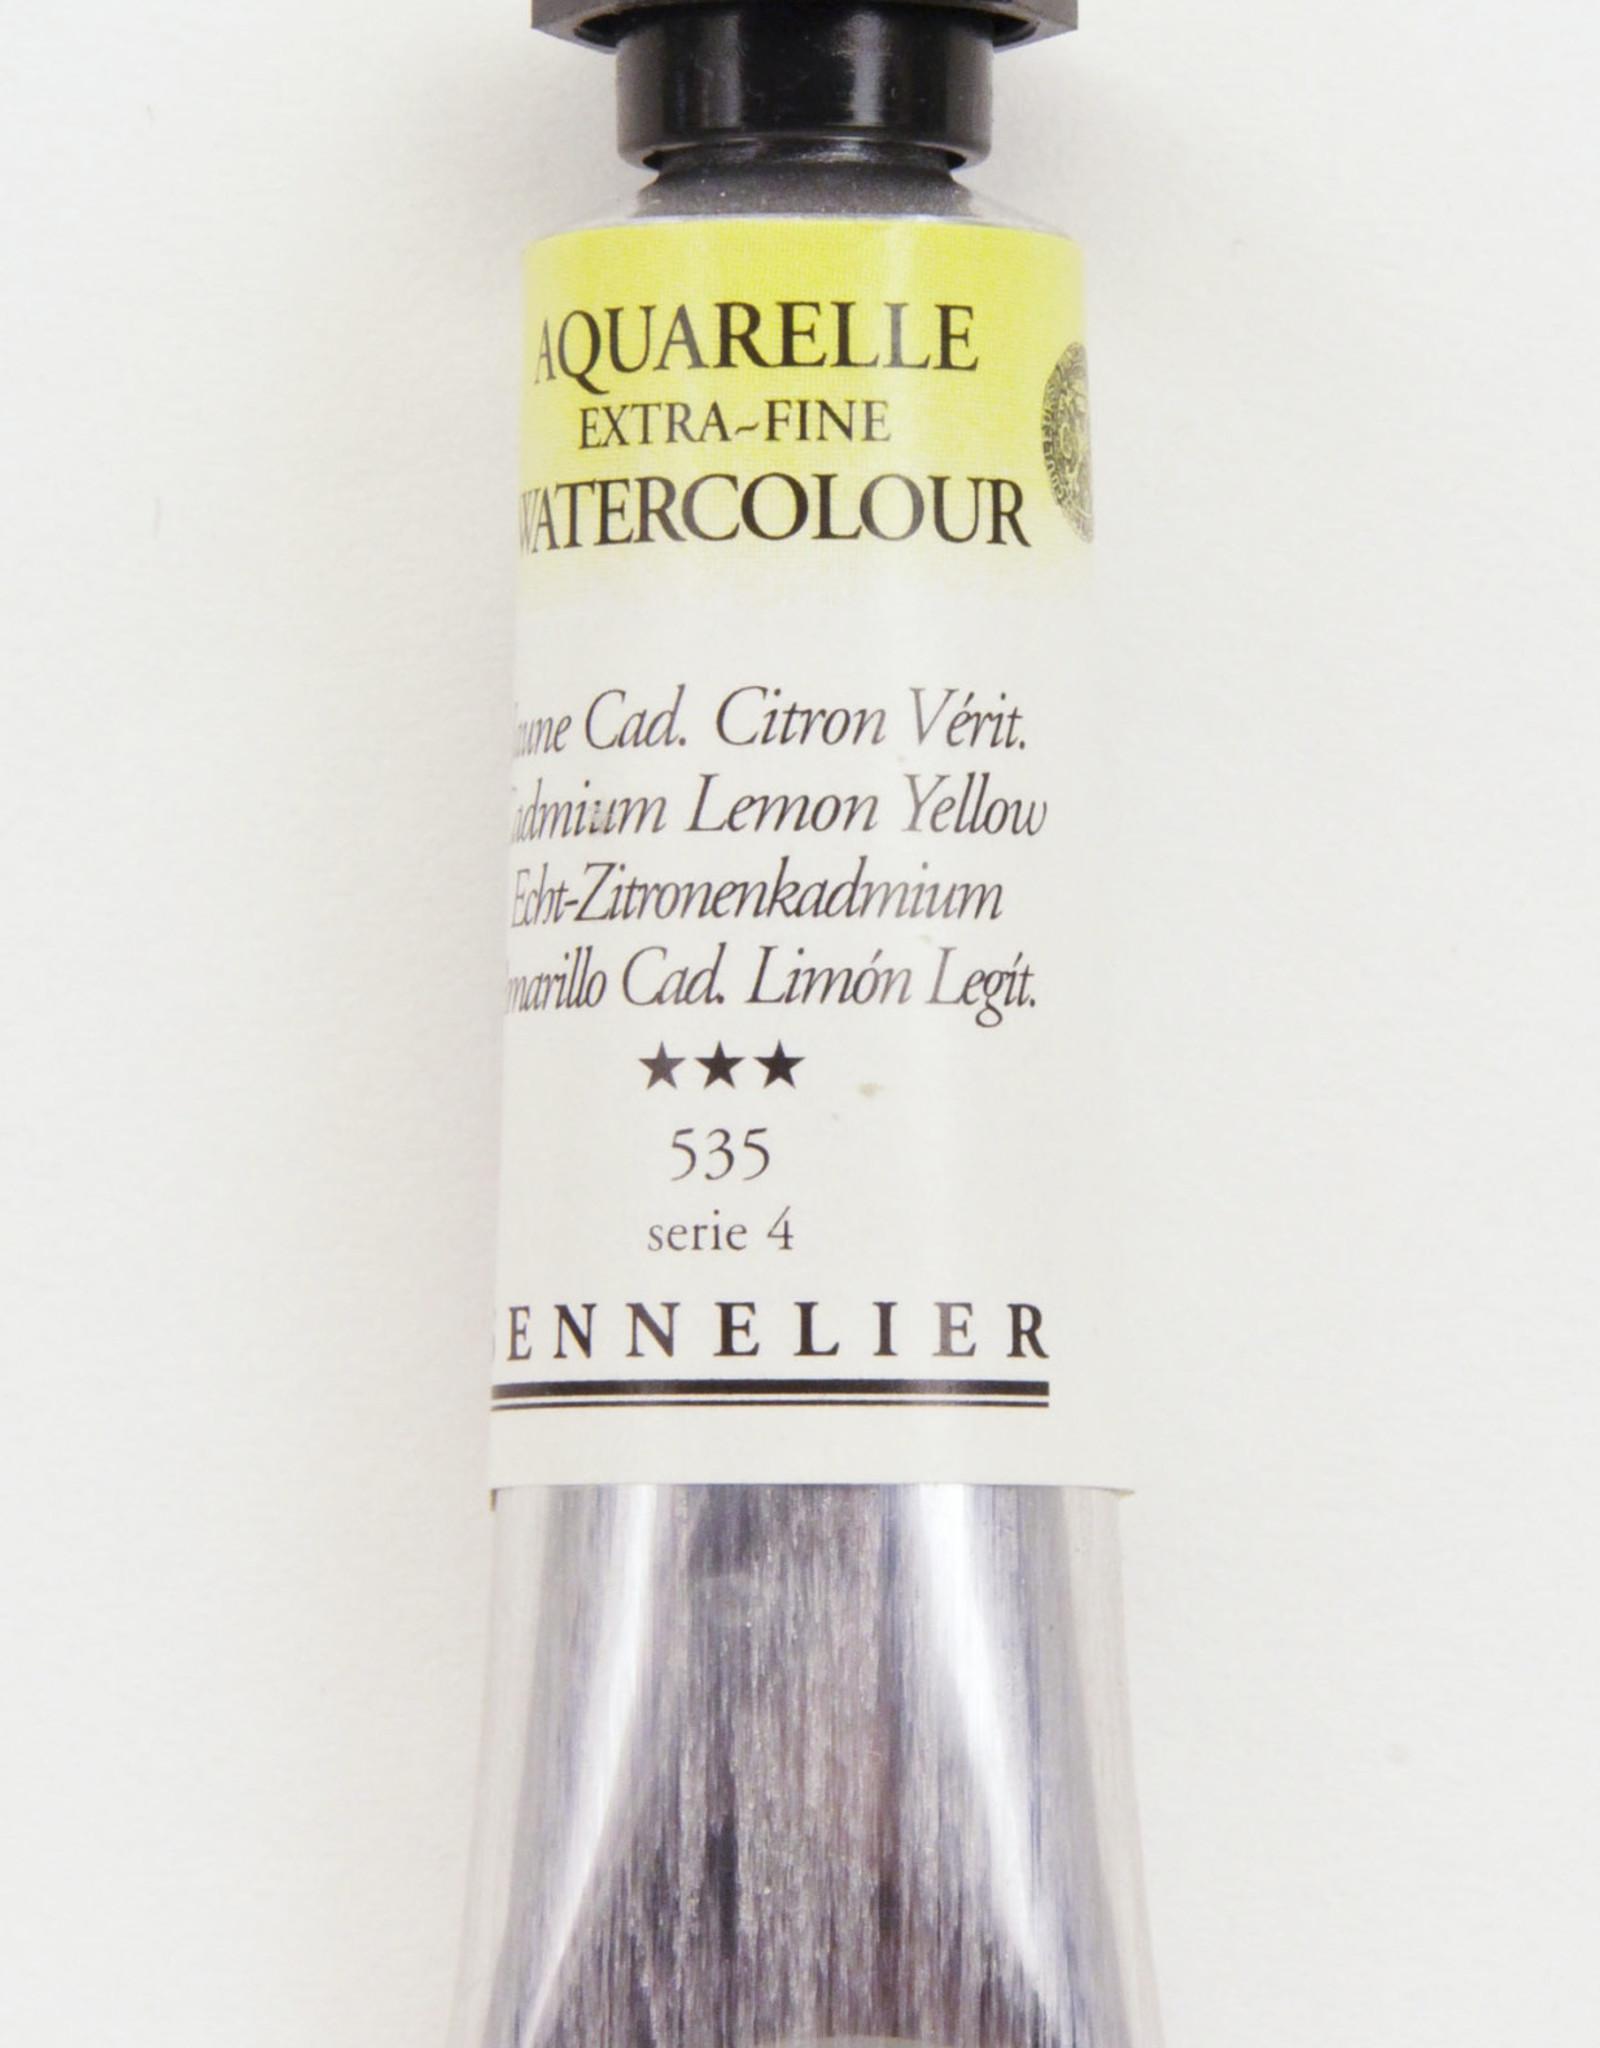 Sennelier, Aquarelle Watercolor Paint, Cadmium Lemon Yellow, 535, 10ml Tube, Series 4